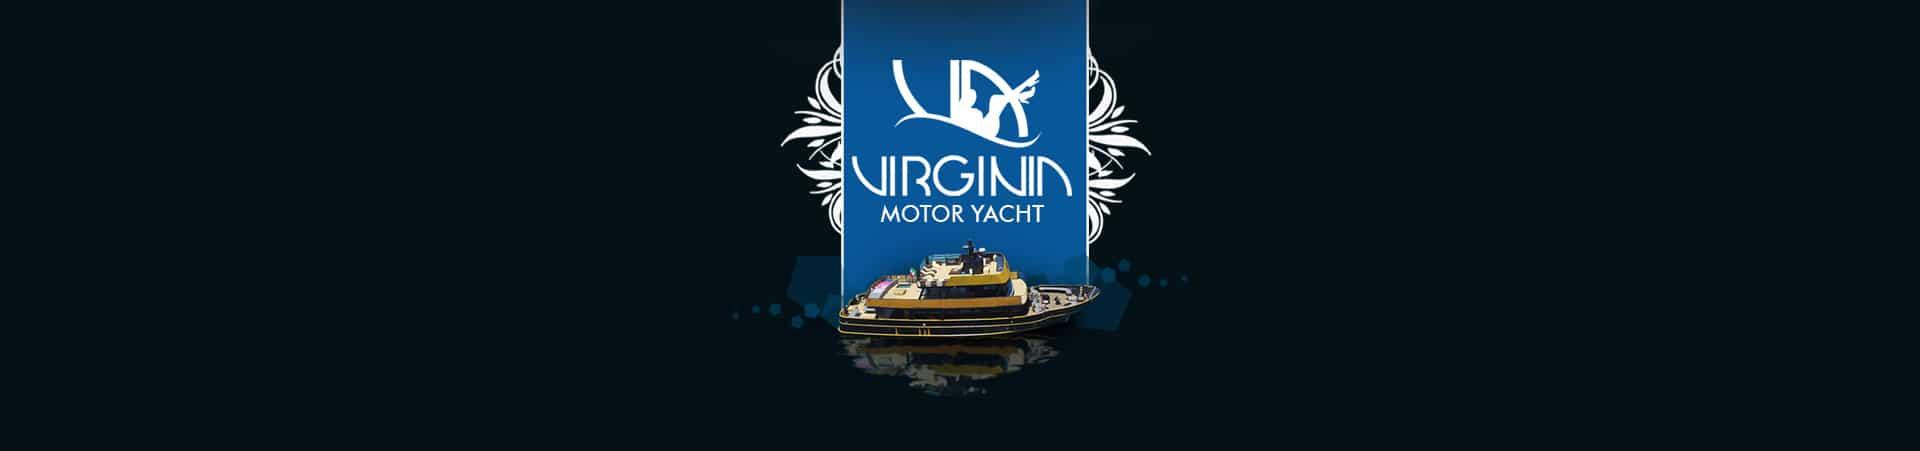 Virginia Motor Yacht Escursioni e Gite in barca La Maddalena